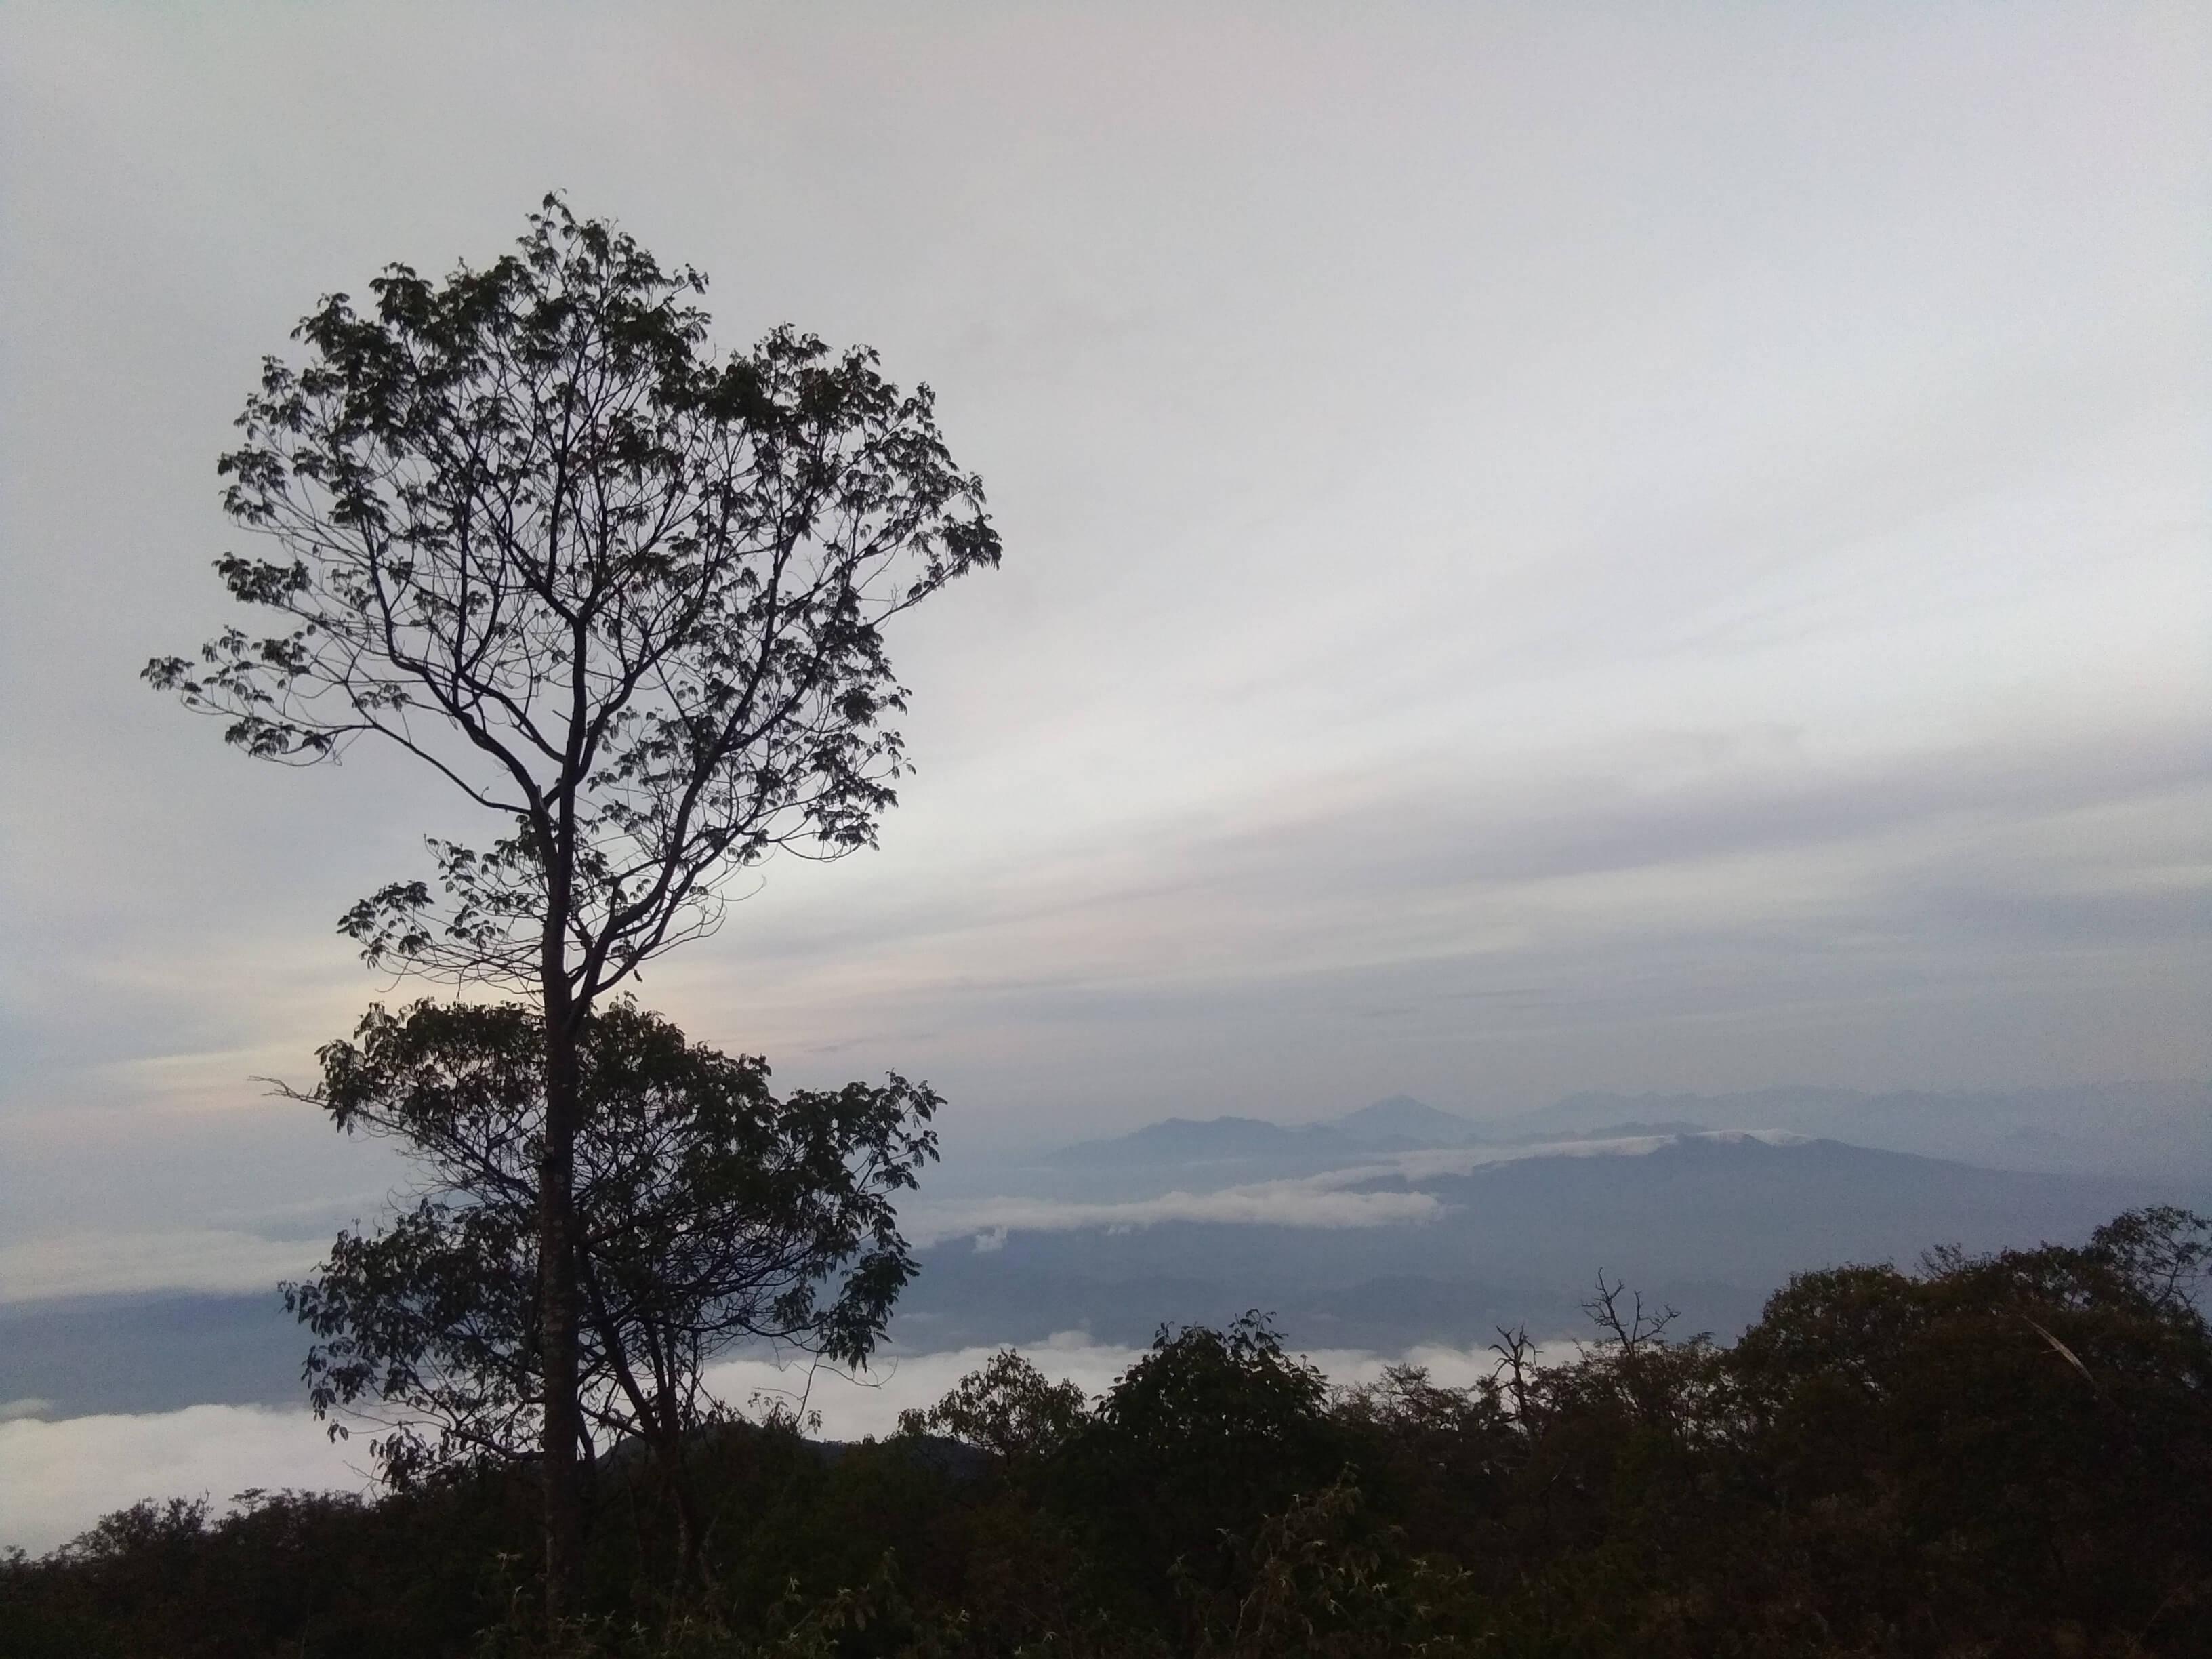 Pemandangan Cikurai dkk (Foto oleh : @afvendiant)